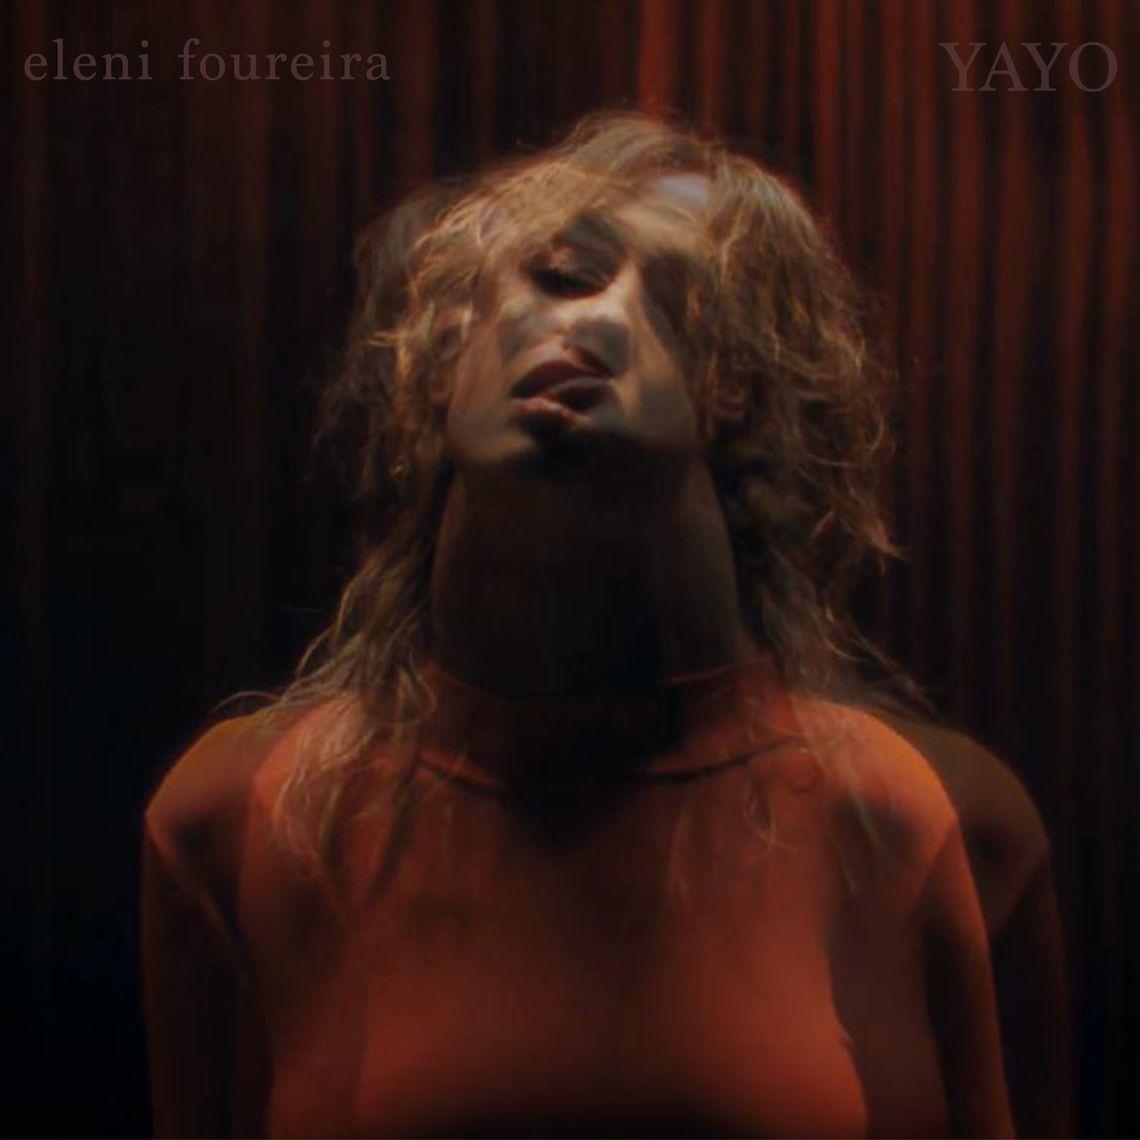 Ελένη Φουρέιρα – «YAYO»: Το νέο της διεθνές hit κυκλοφορεί!